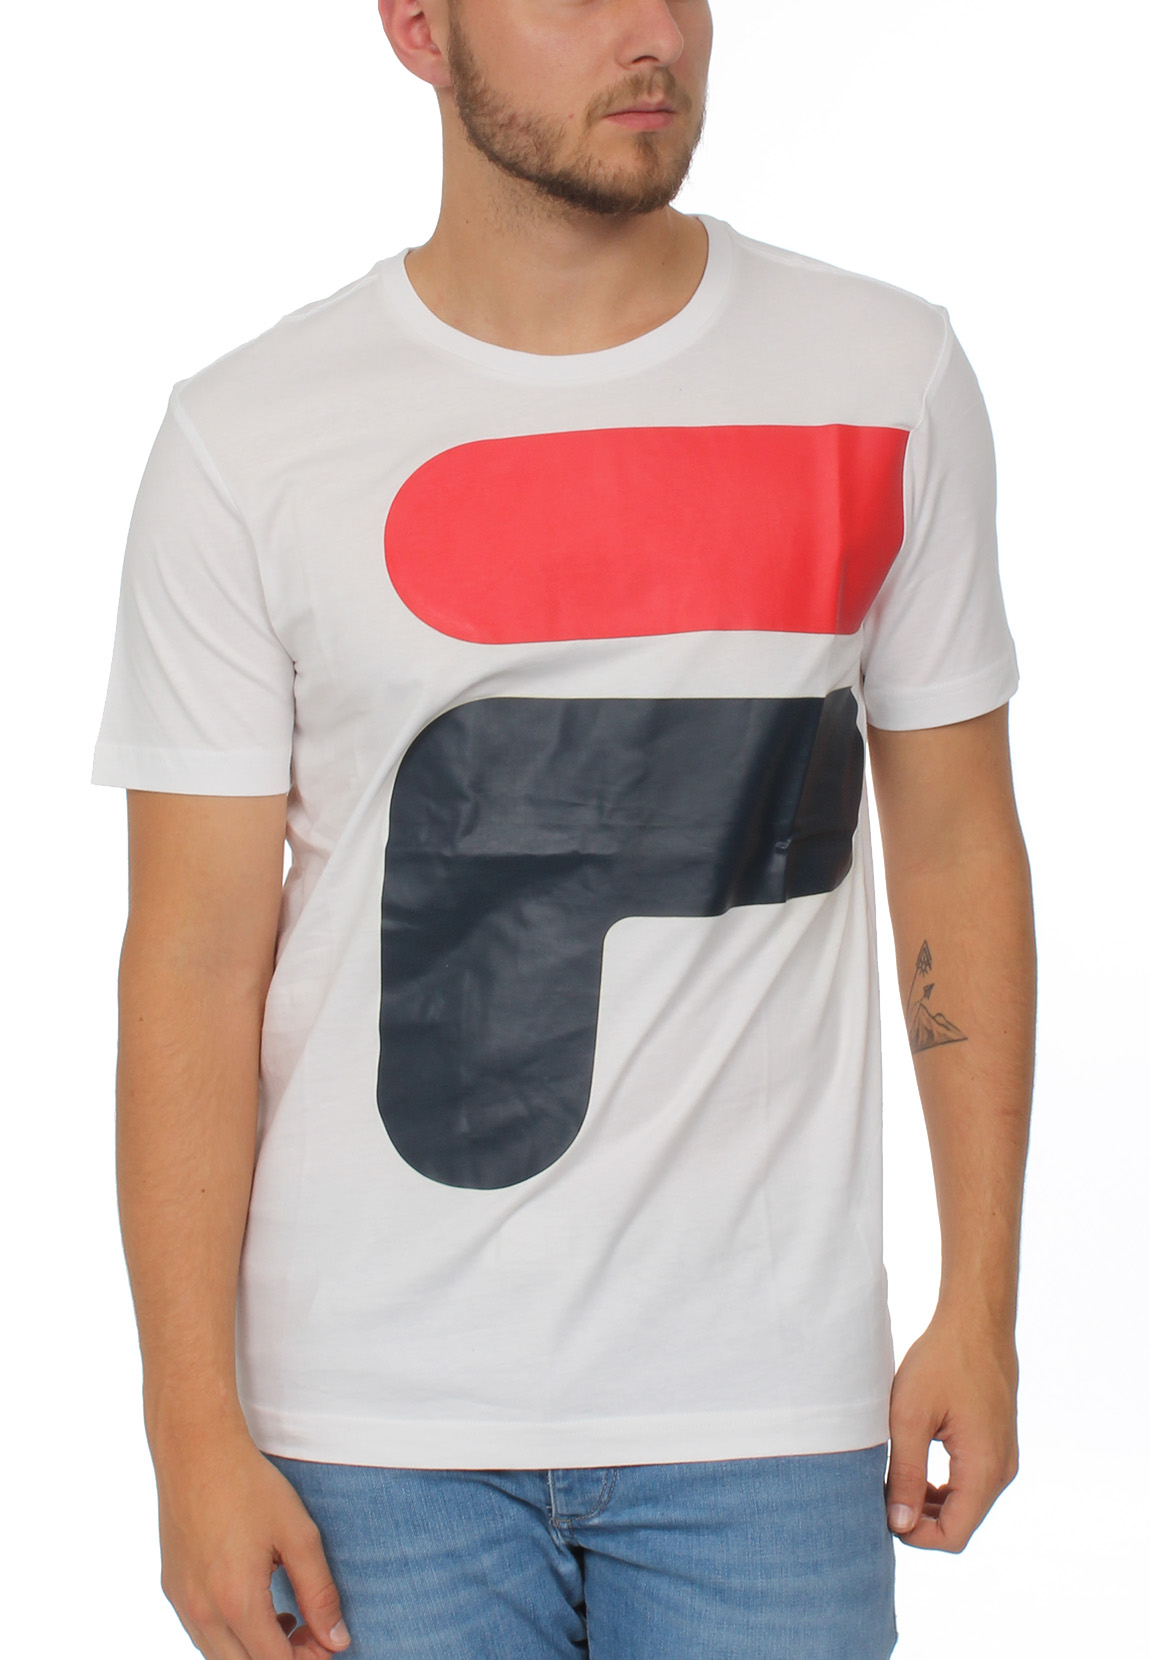 Fila T-Shirt Herren CARTER TEE Weiß M67 Bright White Herren T-Shirts ...